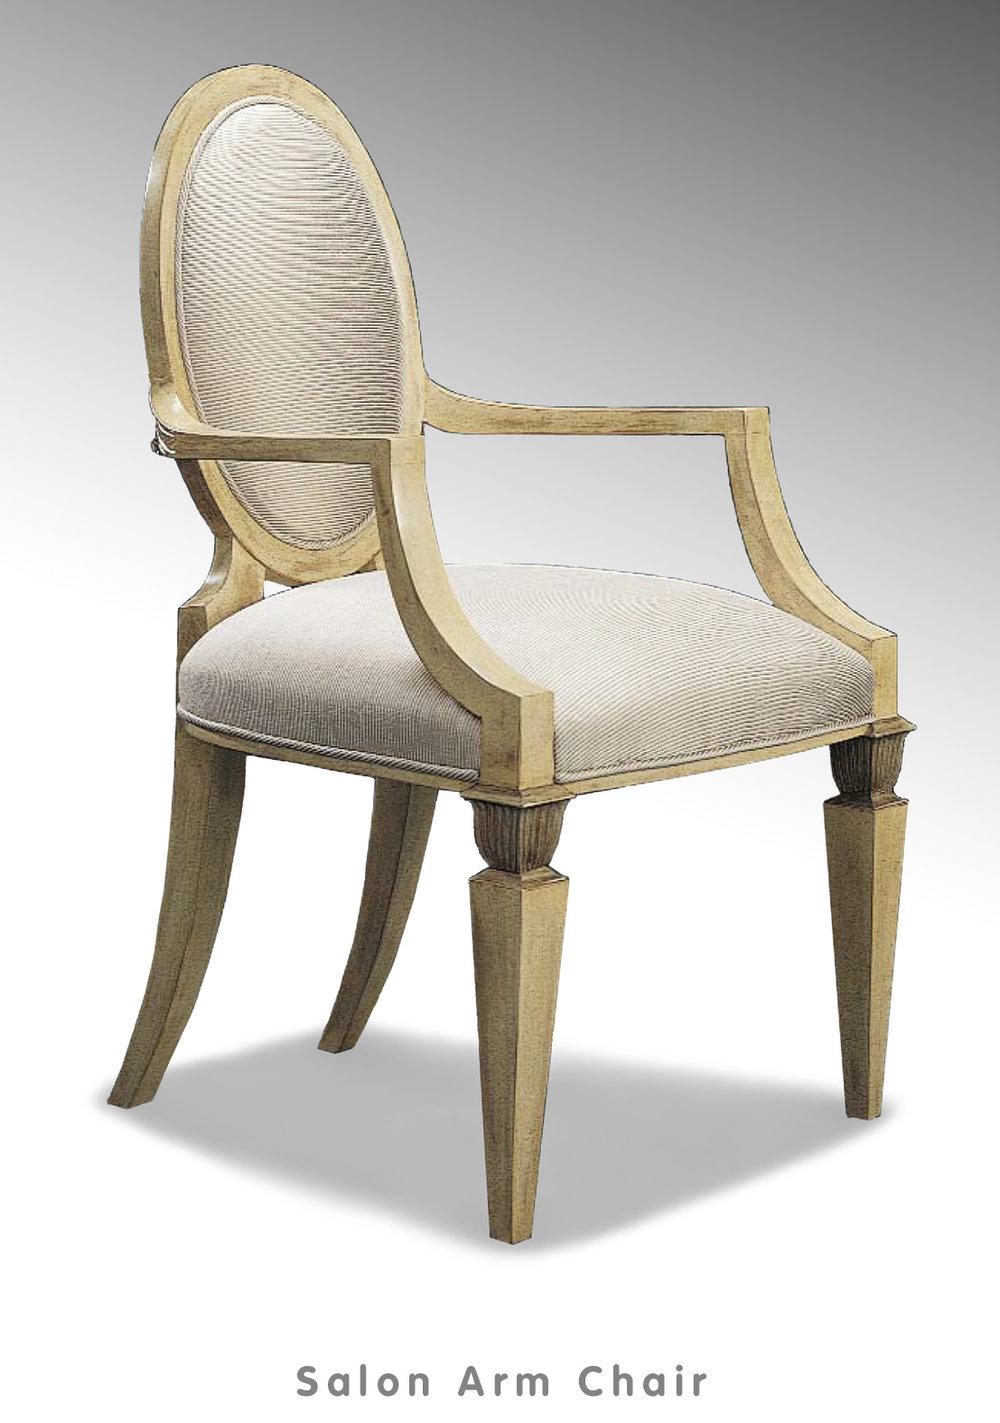 Salon Arm Chair